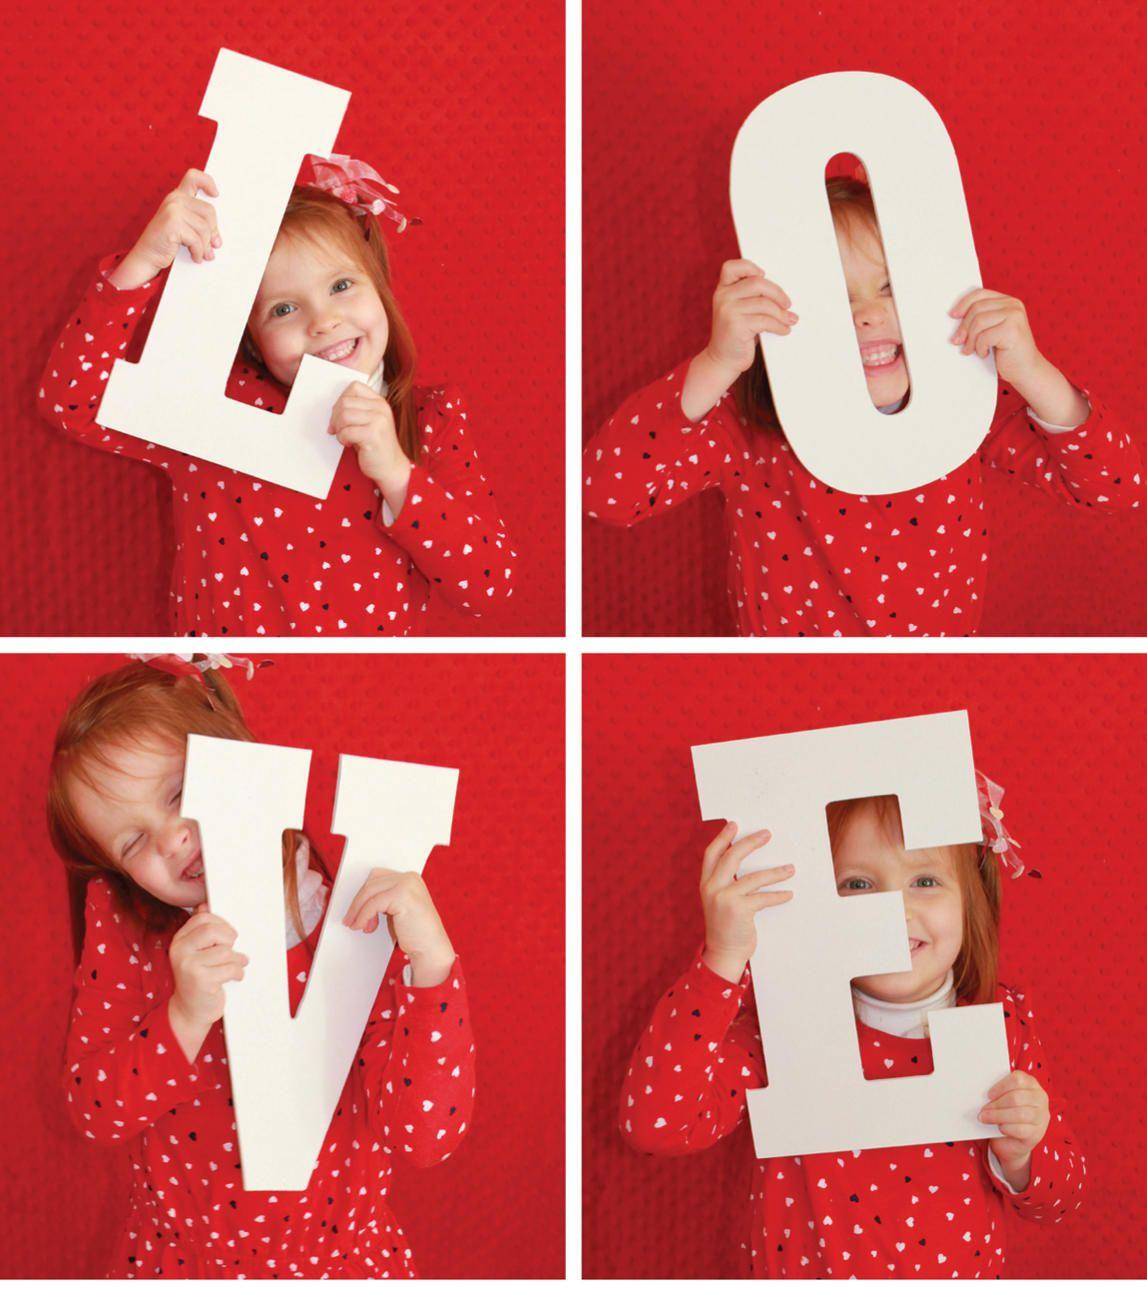 Семейная фотосессия на День Святого Валентина, принесет ...